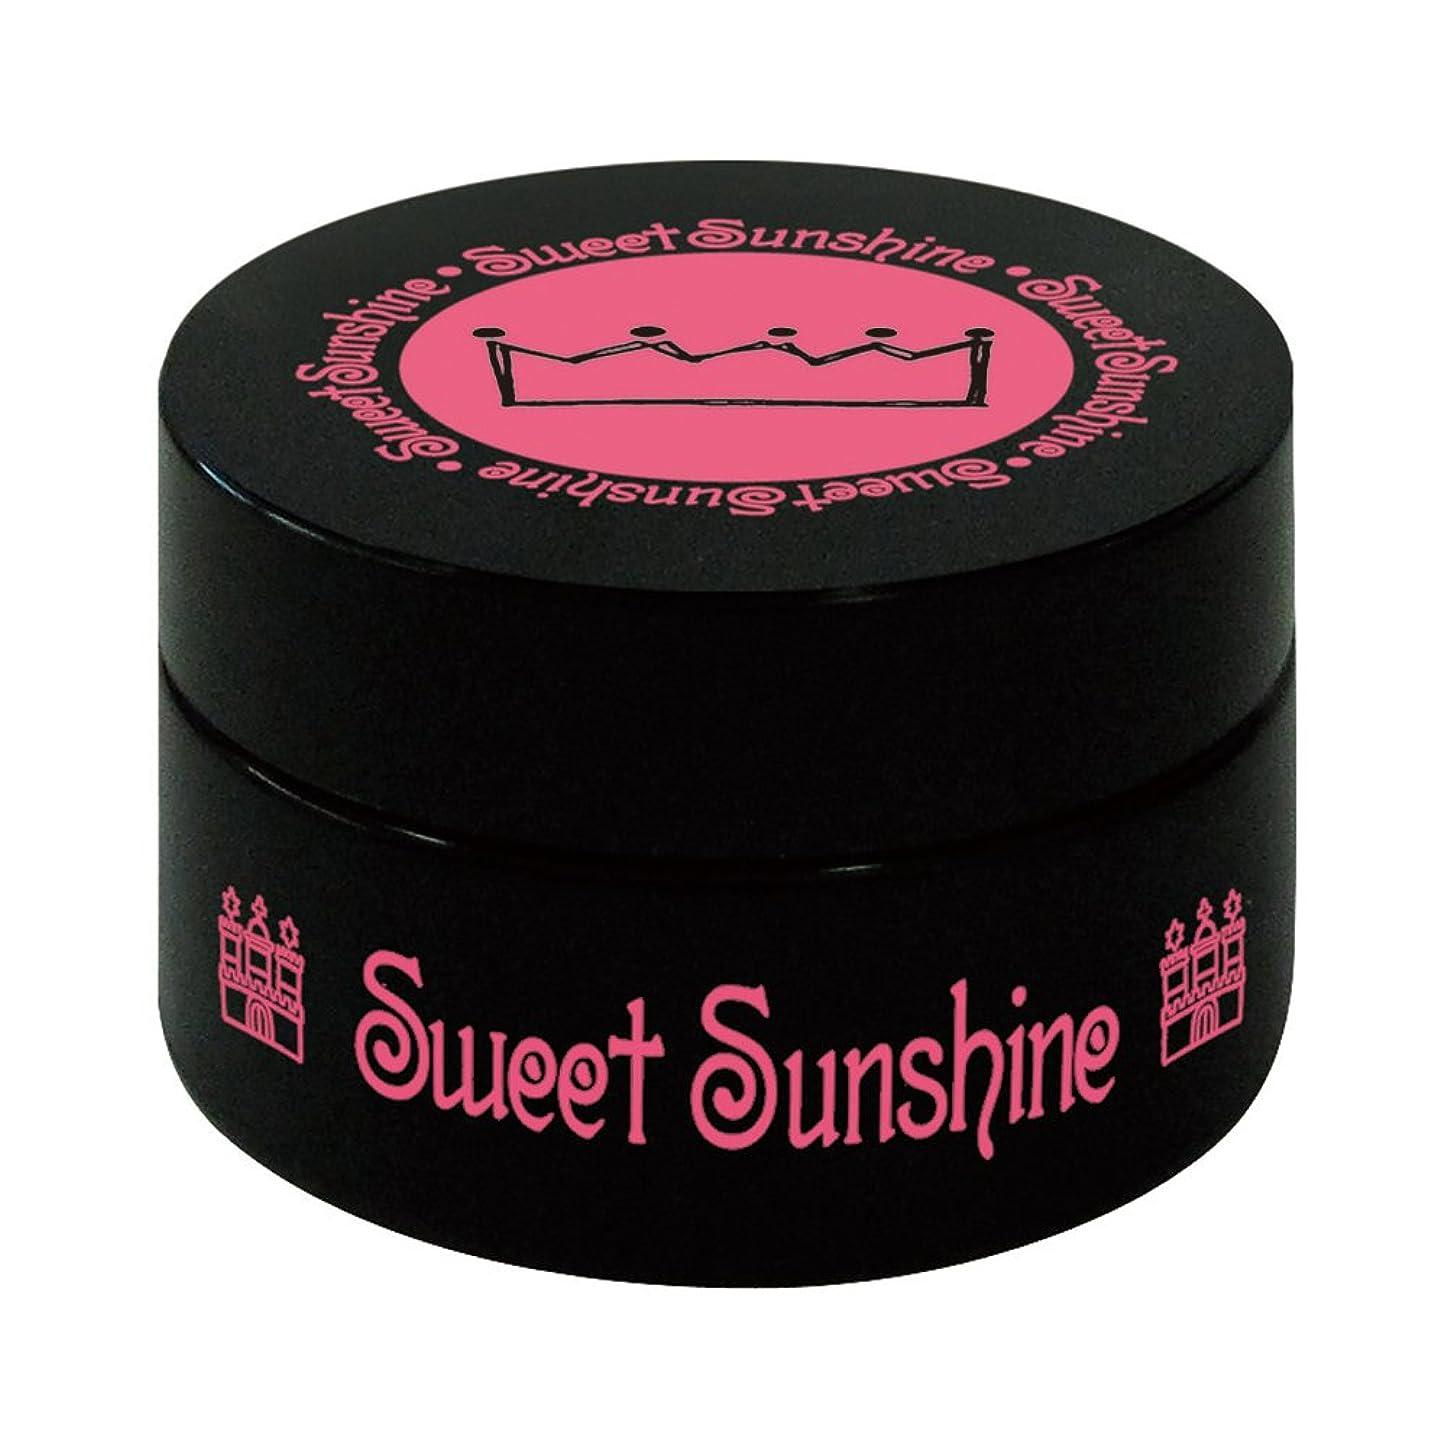 ファンネルウェブスパイダー取り替えるかまど最速硬化LED対応 Sweet Sunshine スィート サンシャイン カラージェル SC-17 4g ホワイト